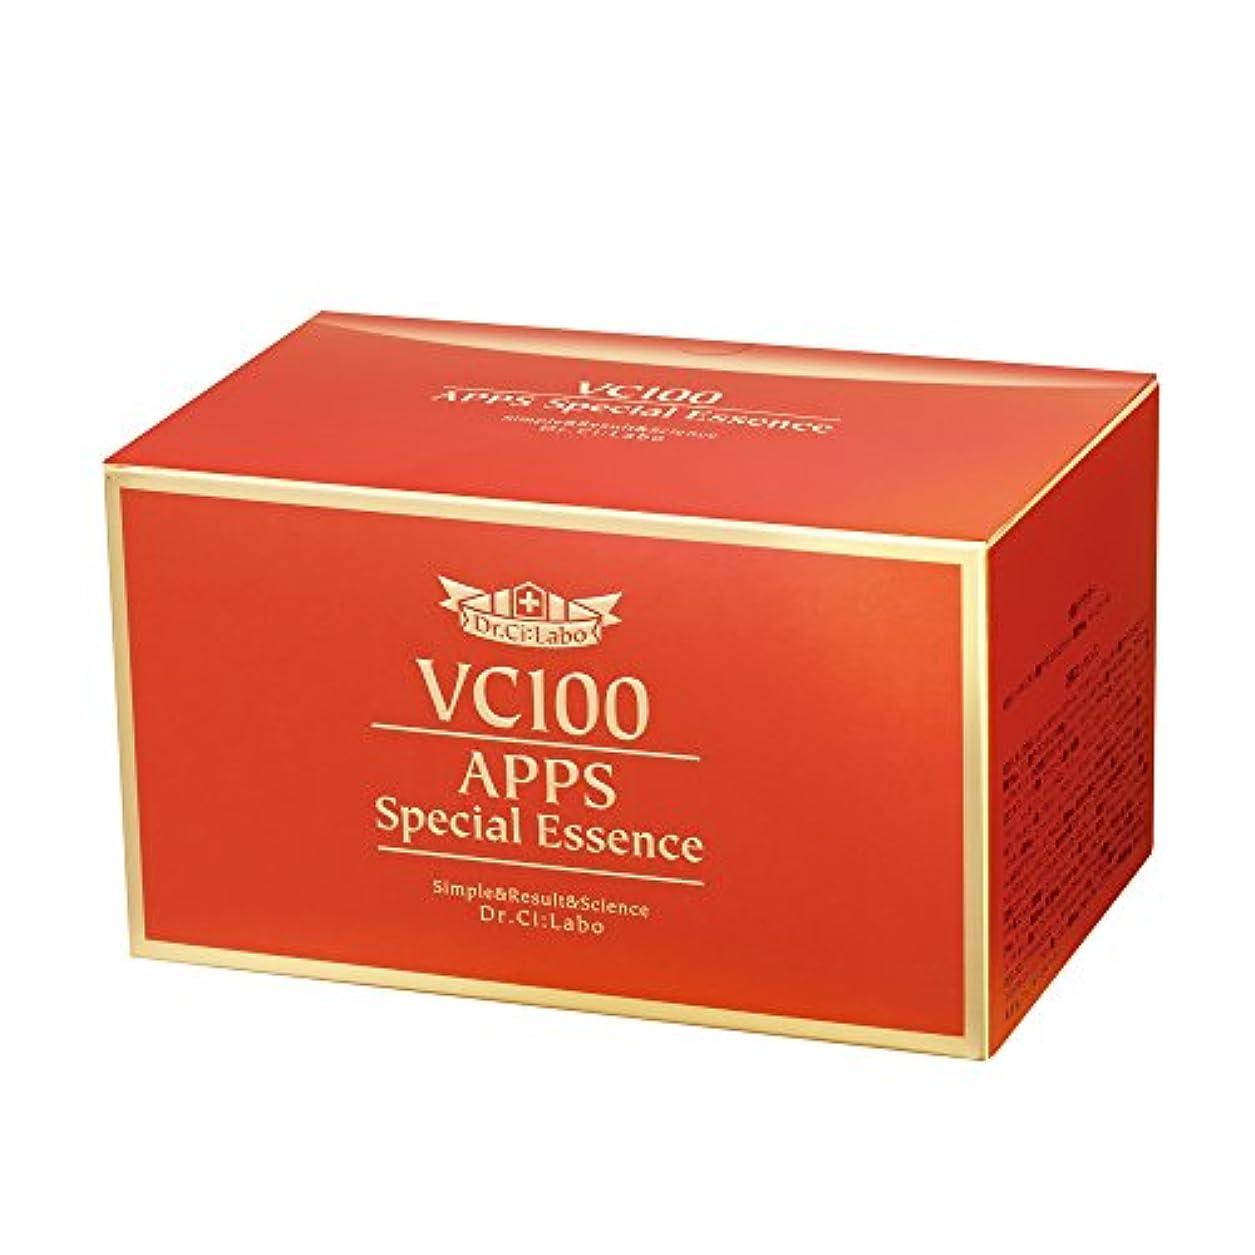 あさり住居餌ドクターシーラボ VC100APPSスペシャルエッセンス 7日分×4セット 集中美容液